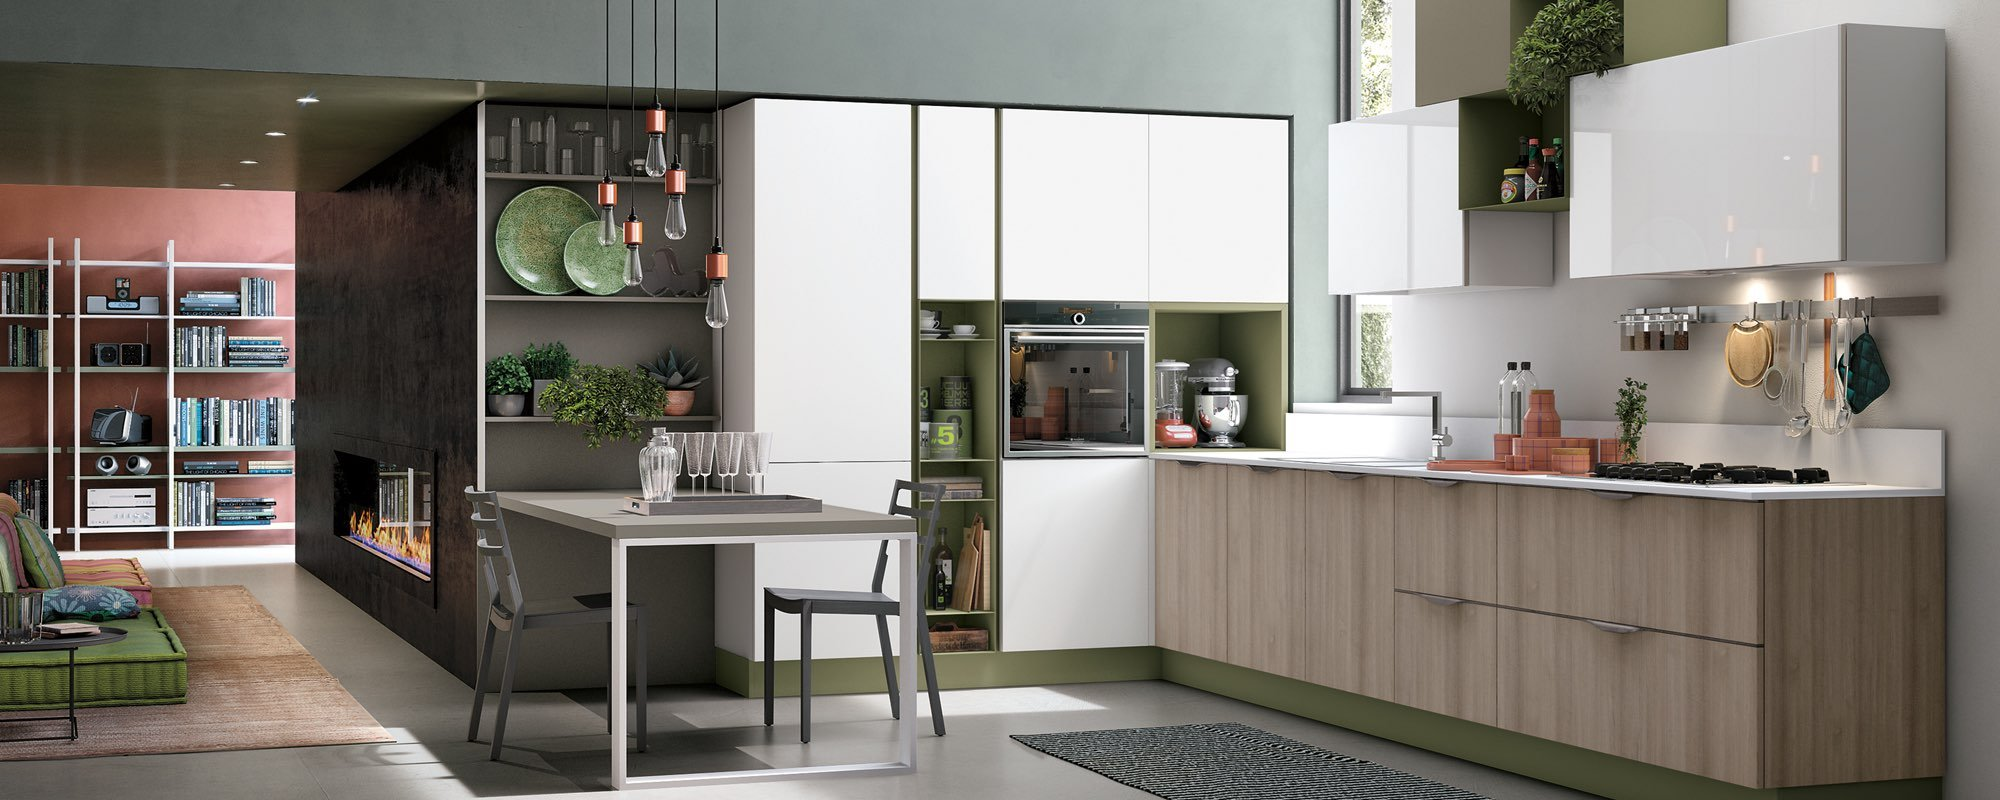 cucina con arredamento laccato opaco verde oliva